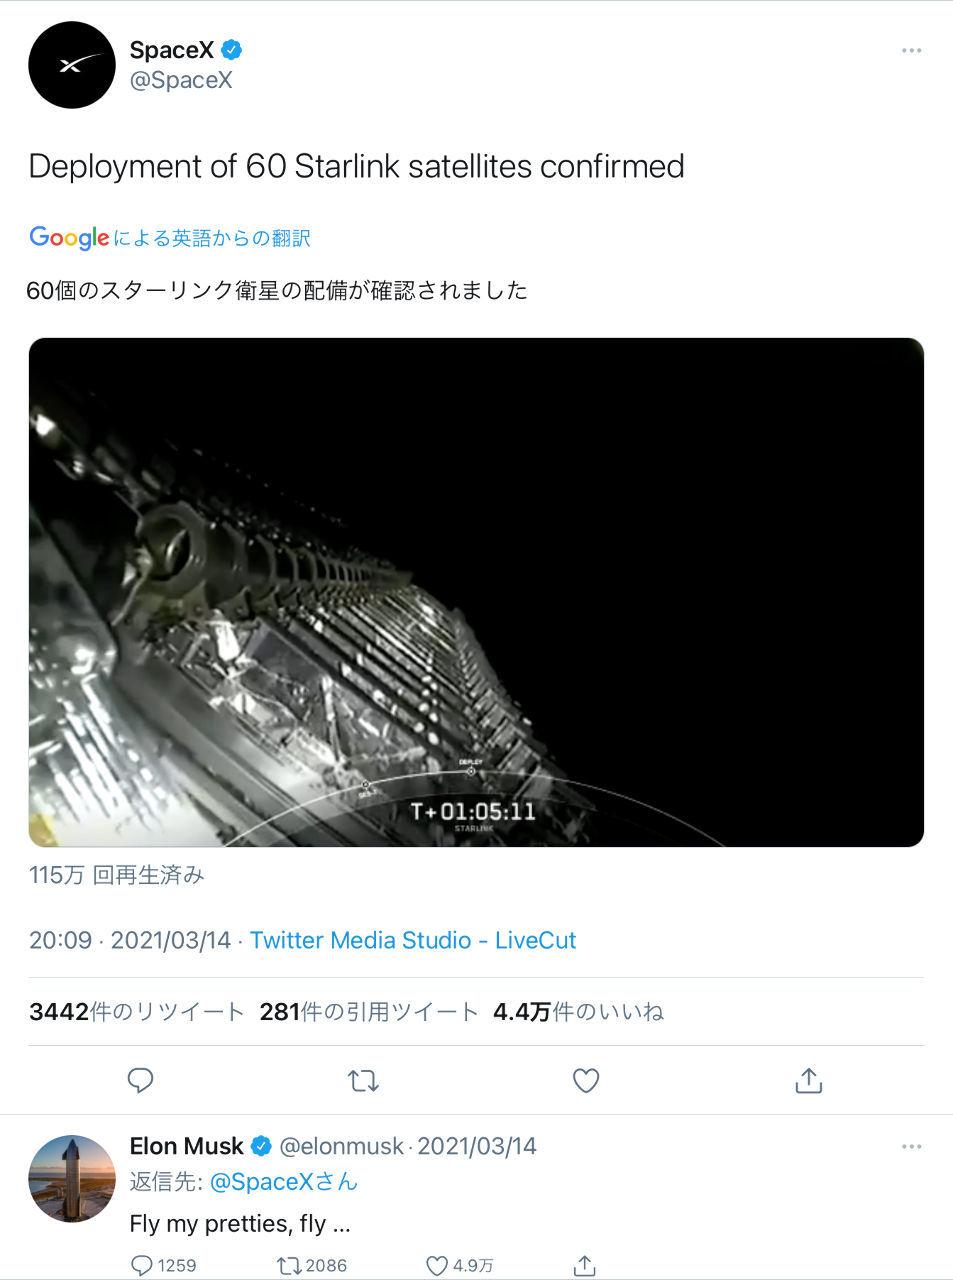 くるみぱん3 記事  https://twitter.com/spacex/status/137105583680